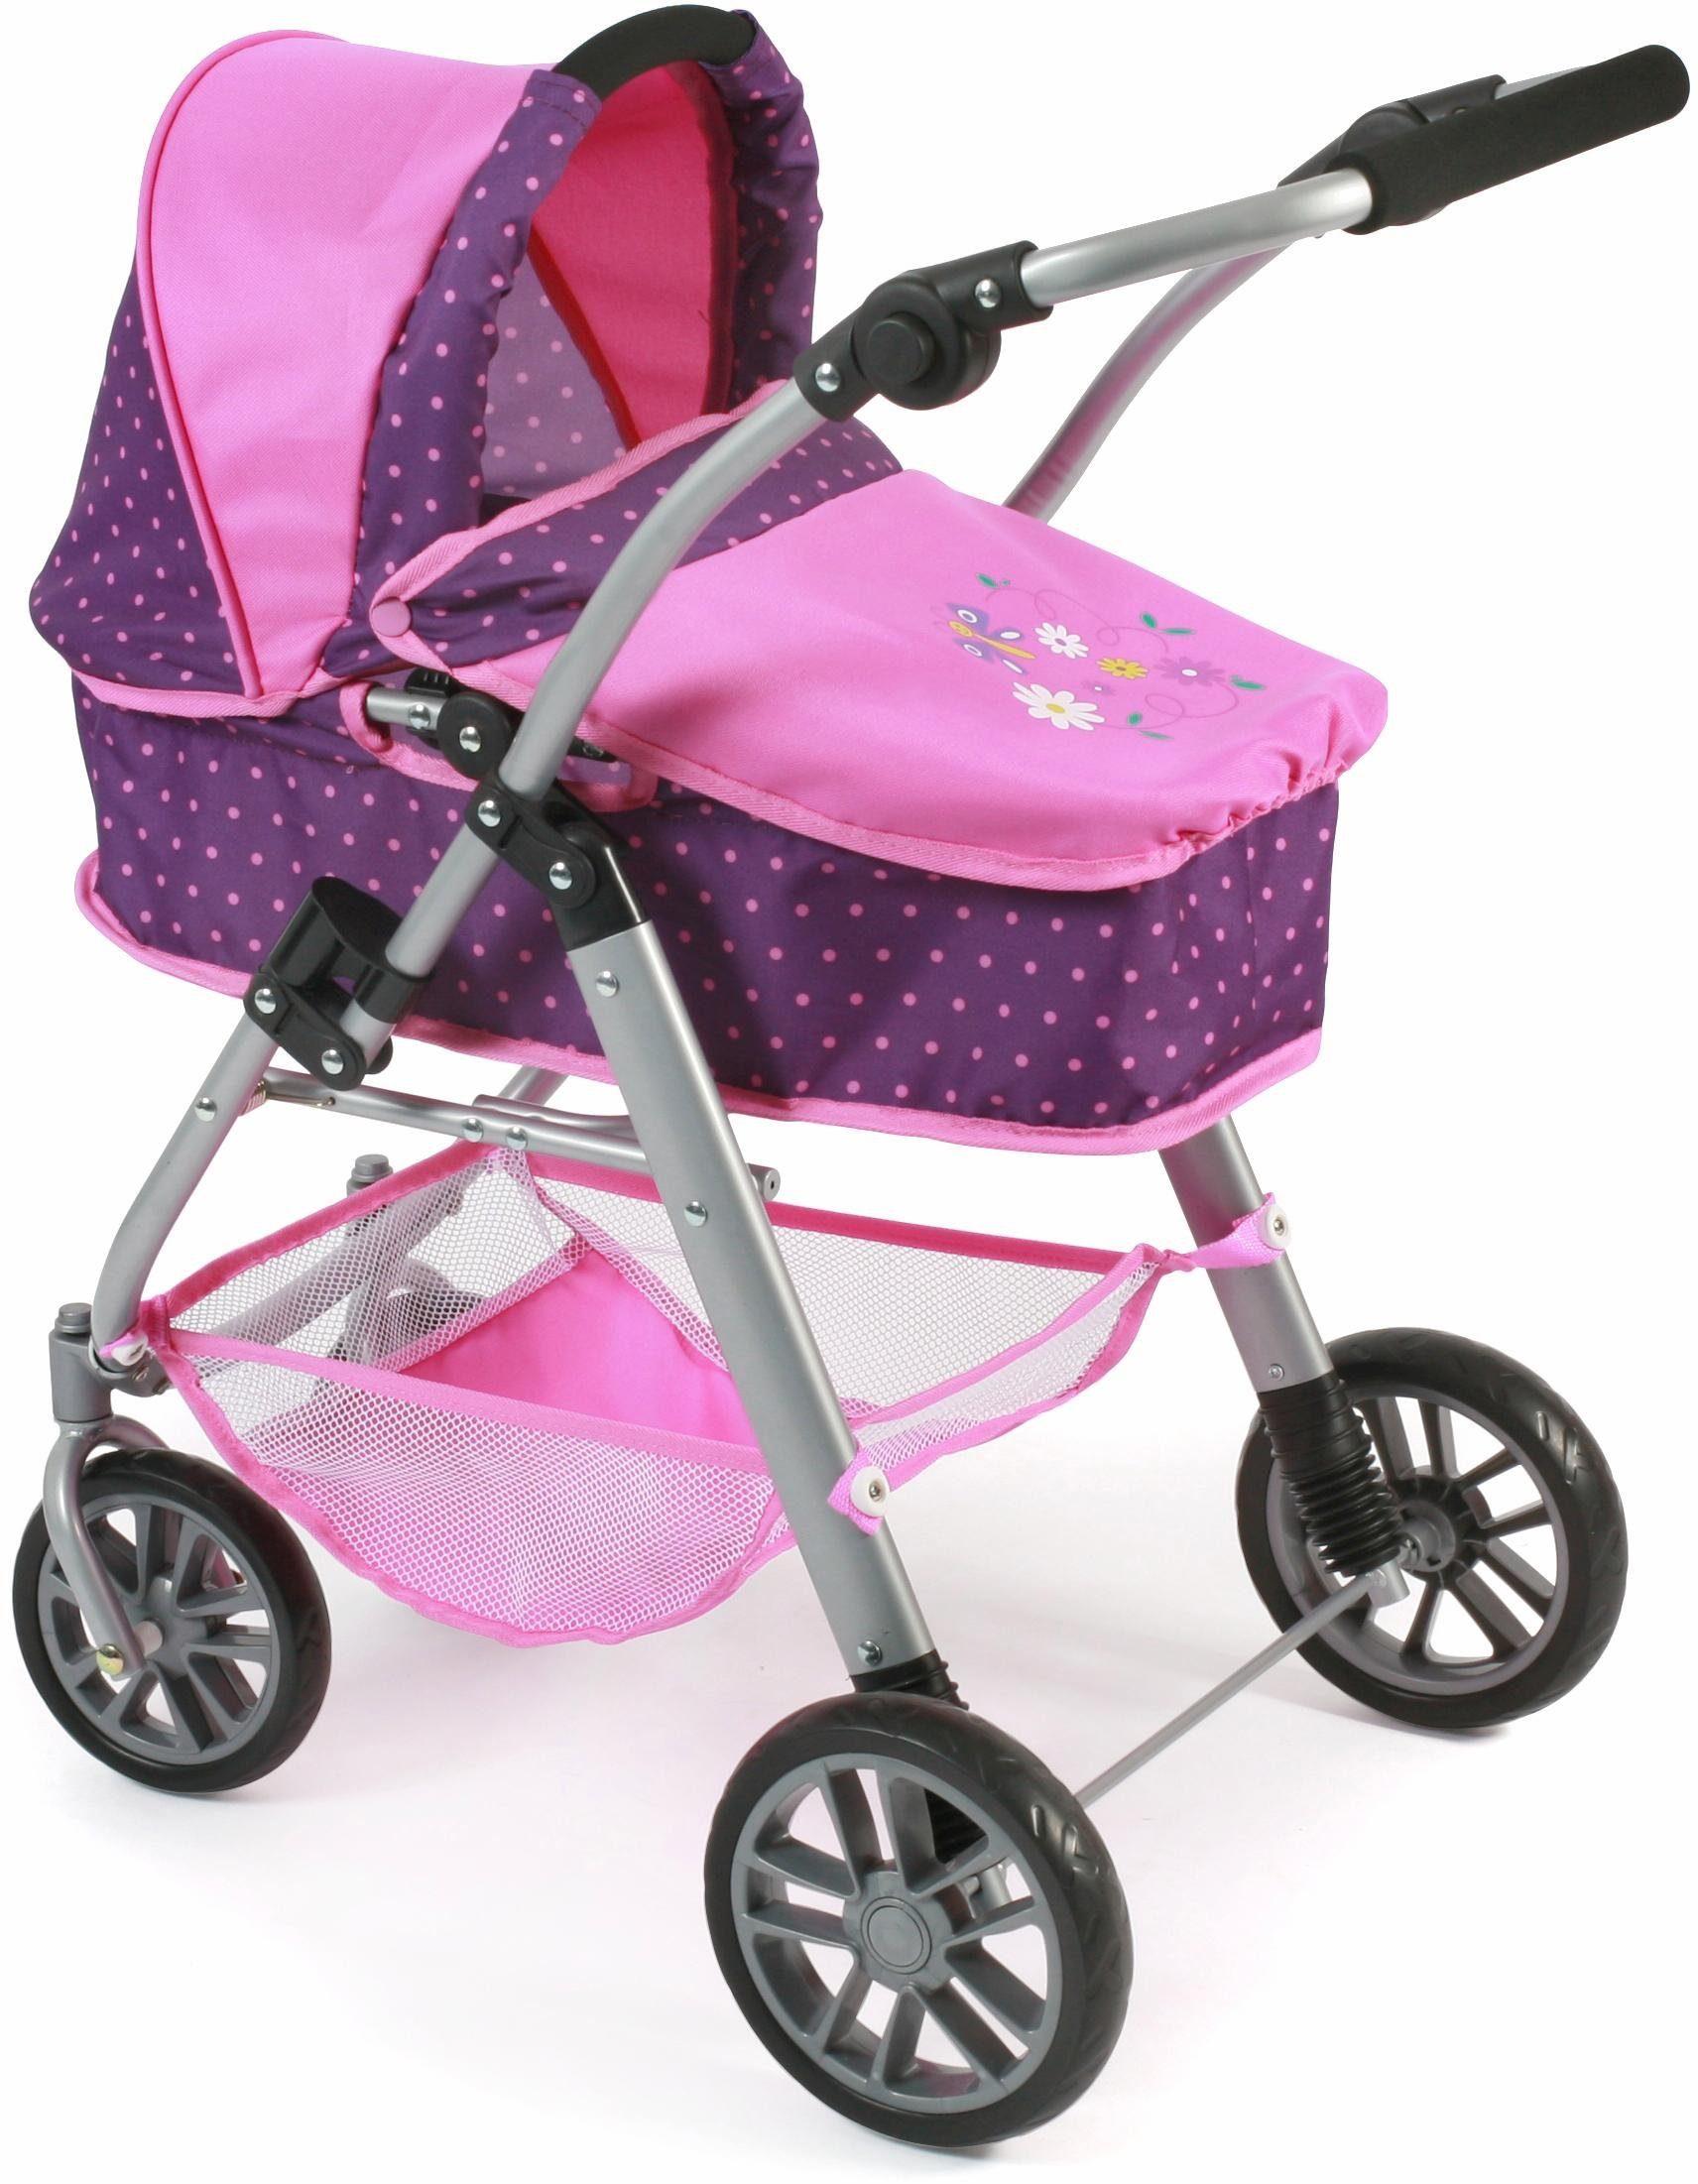 CHIC2000 Kombi Puppenwagen mit schwenkbaren Vorderrädern, »Emilia, lila-pink«